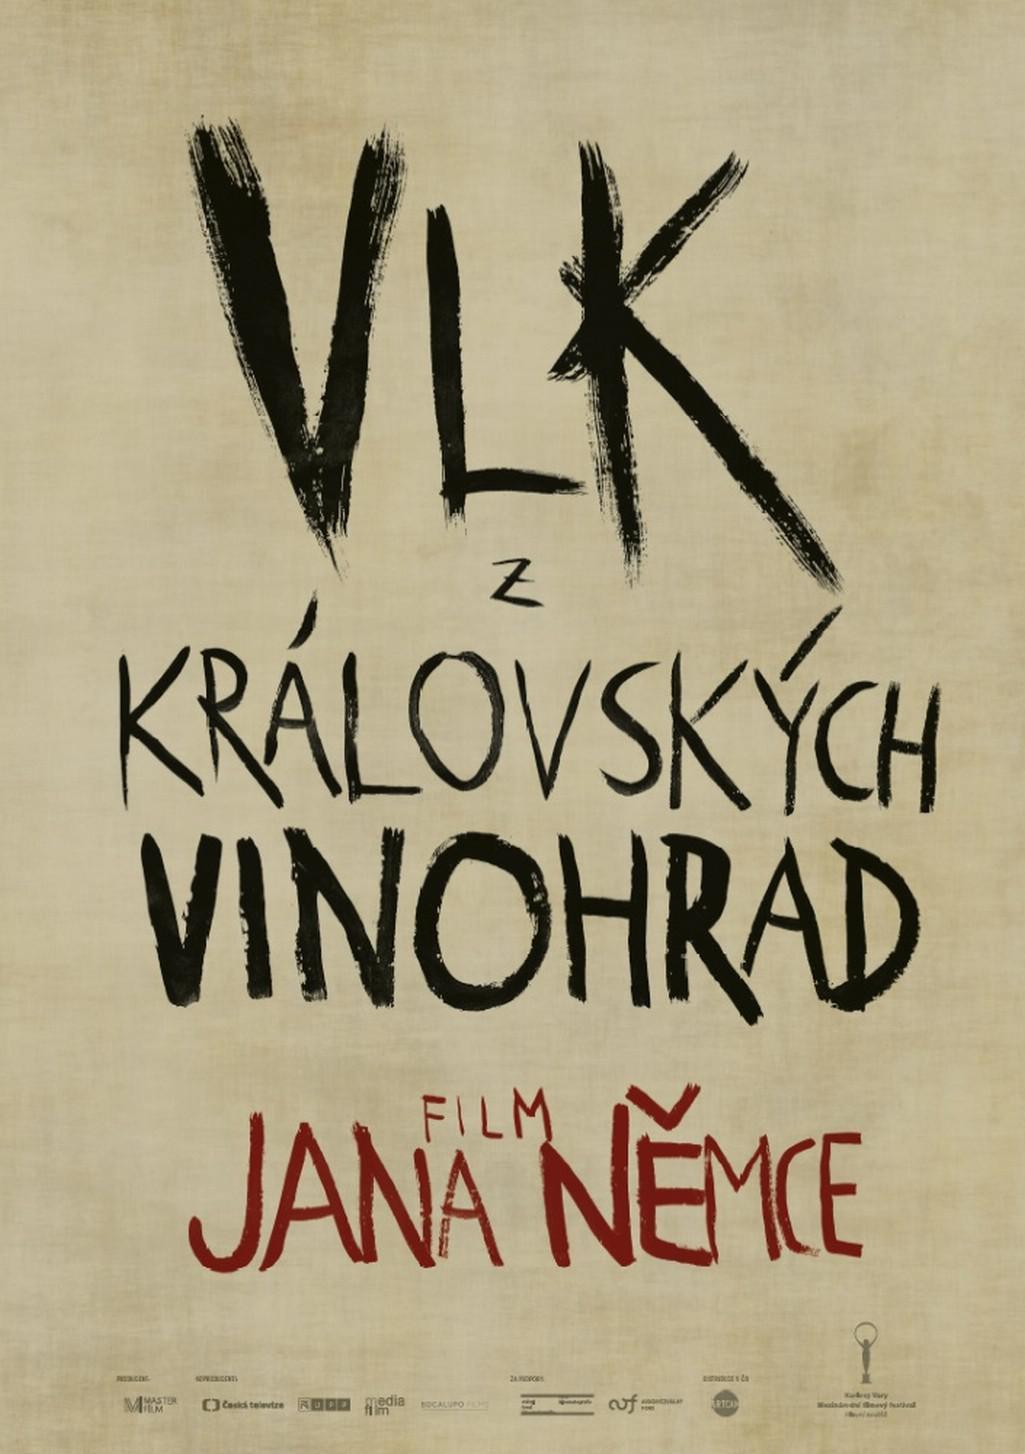 Plakát filmu Vlk z Královských Vinohrad